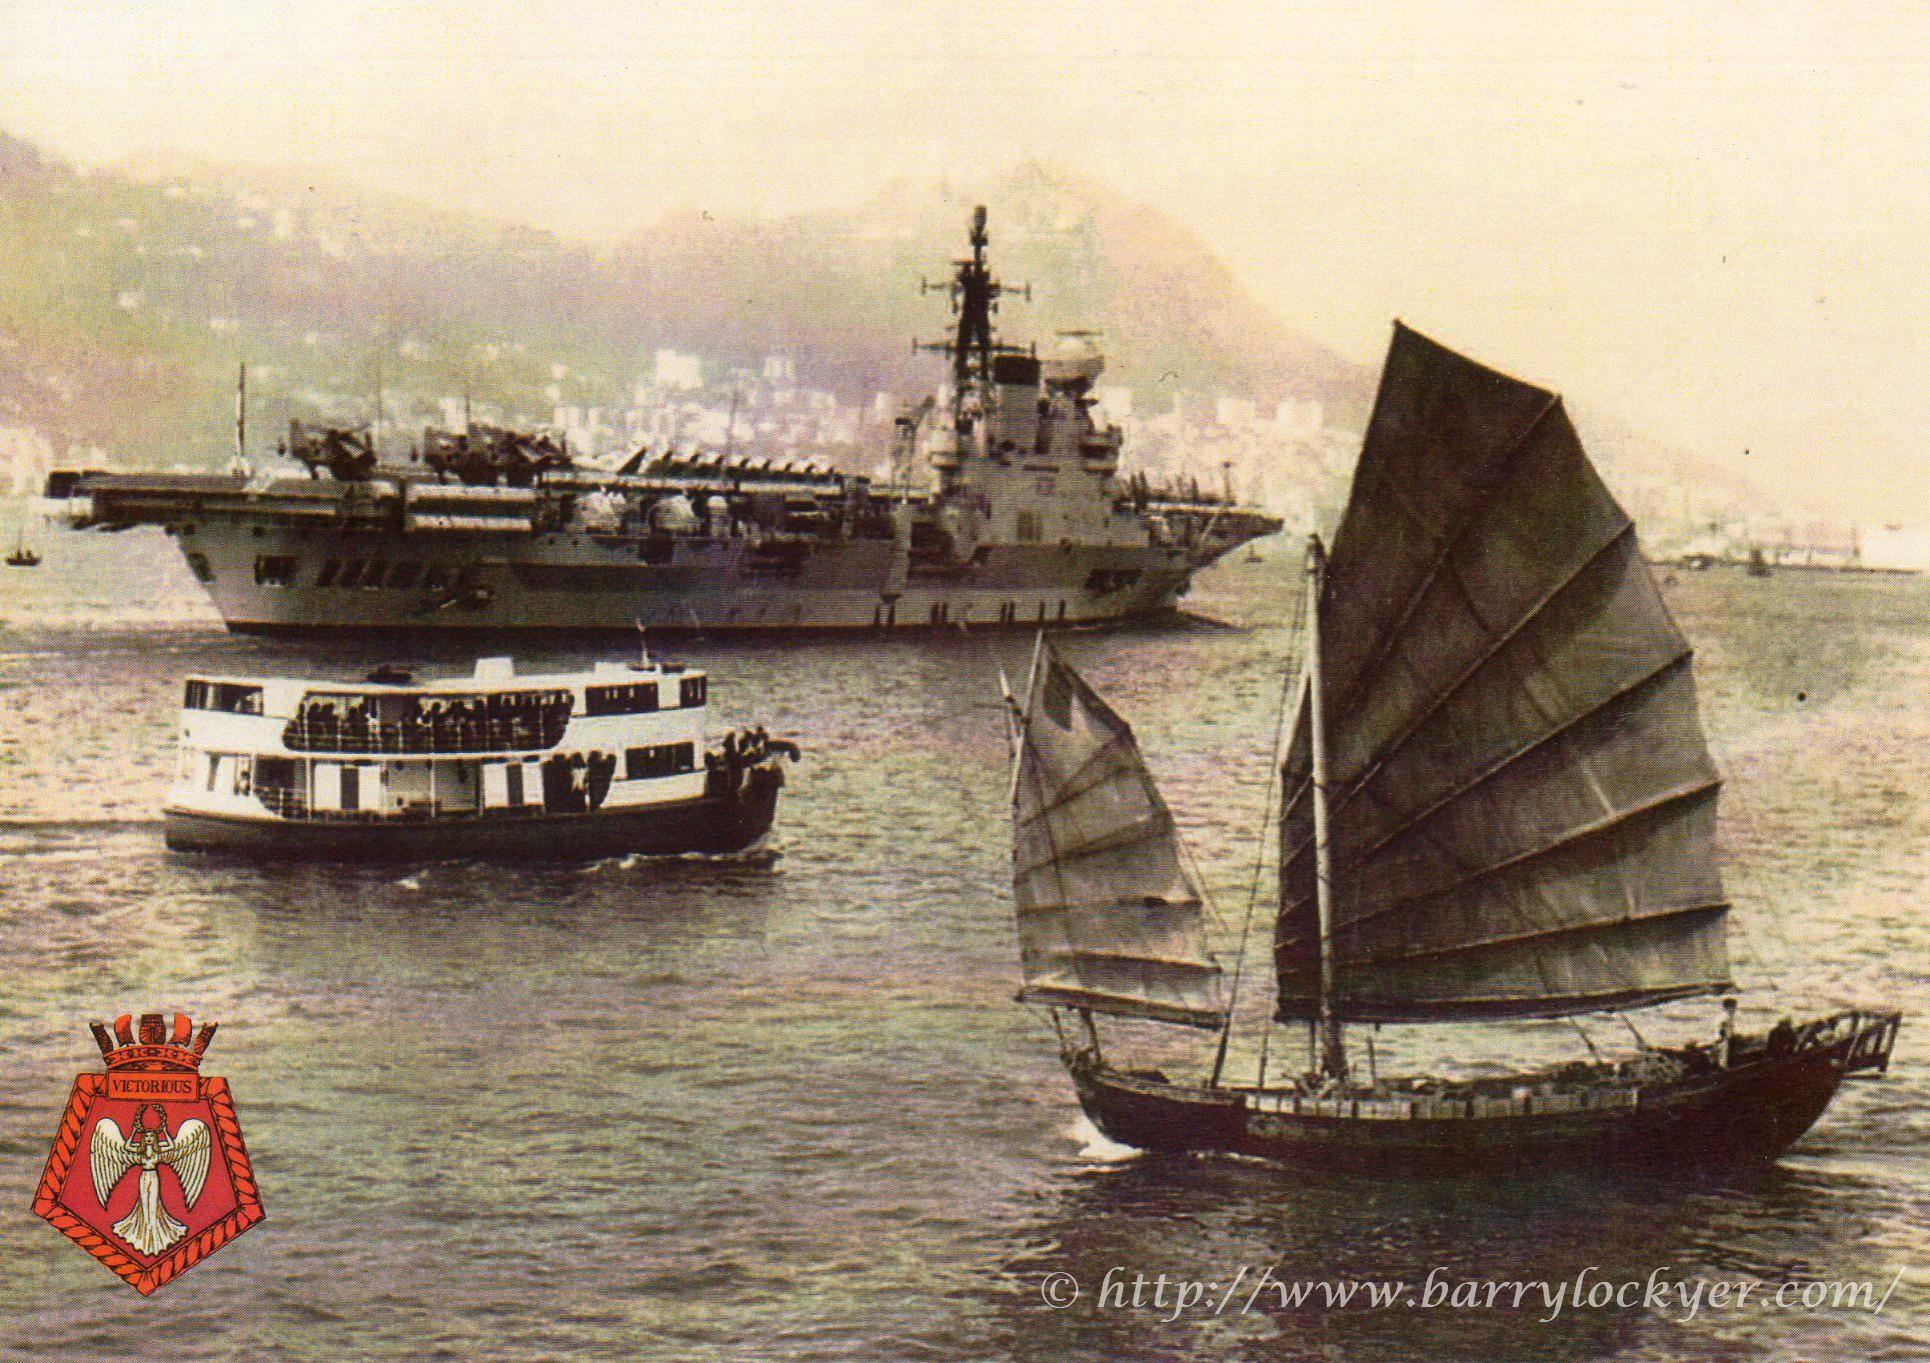 HMS Victorious Association